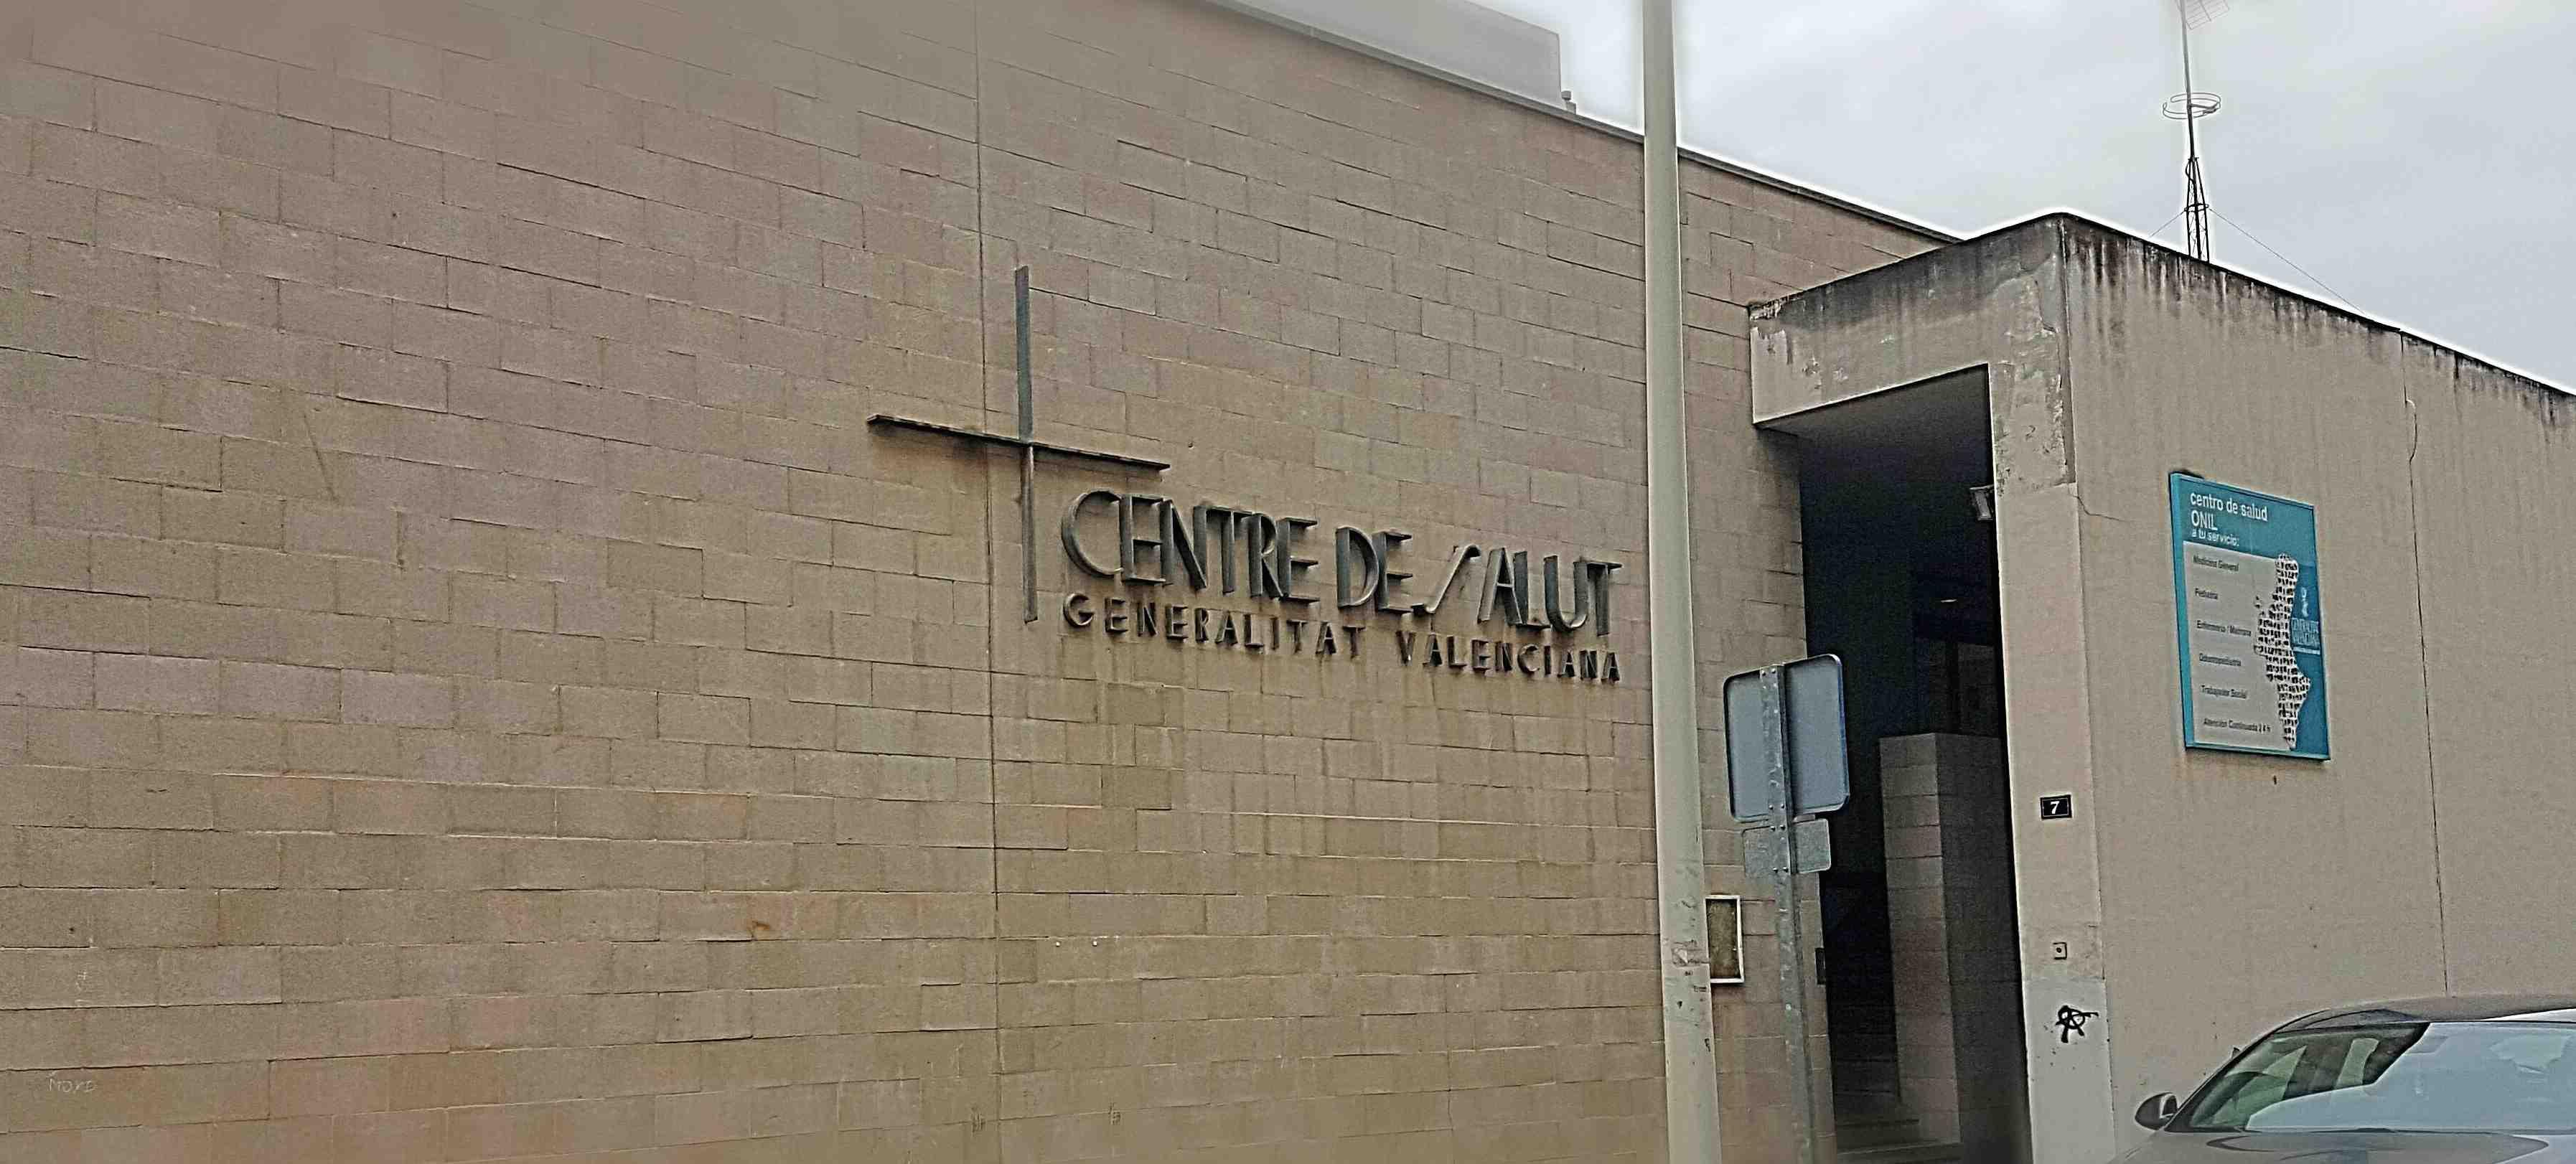 """La oposición de Onil exige al Consell que se comprometa """"por escrito"""" a instalar un ascensor en el Centro de Salud"""